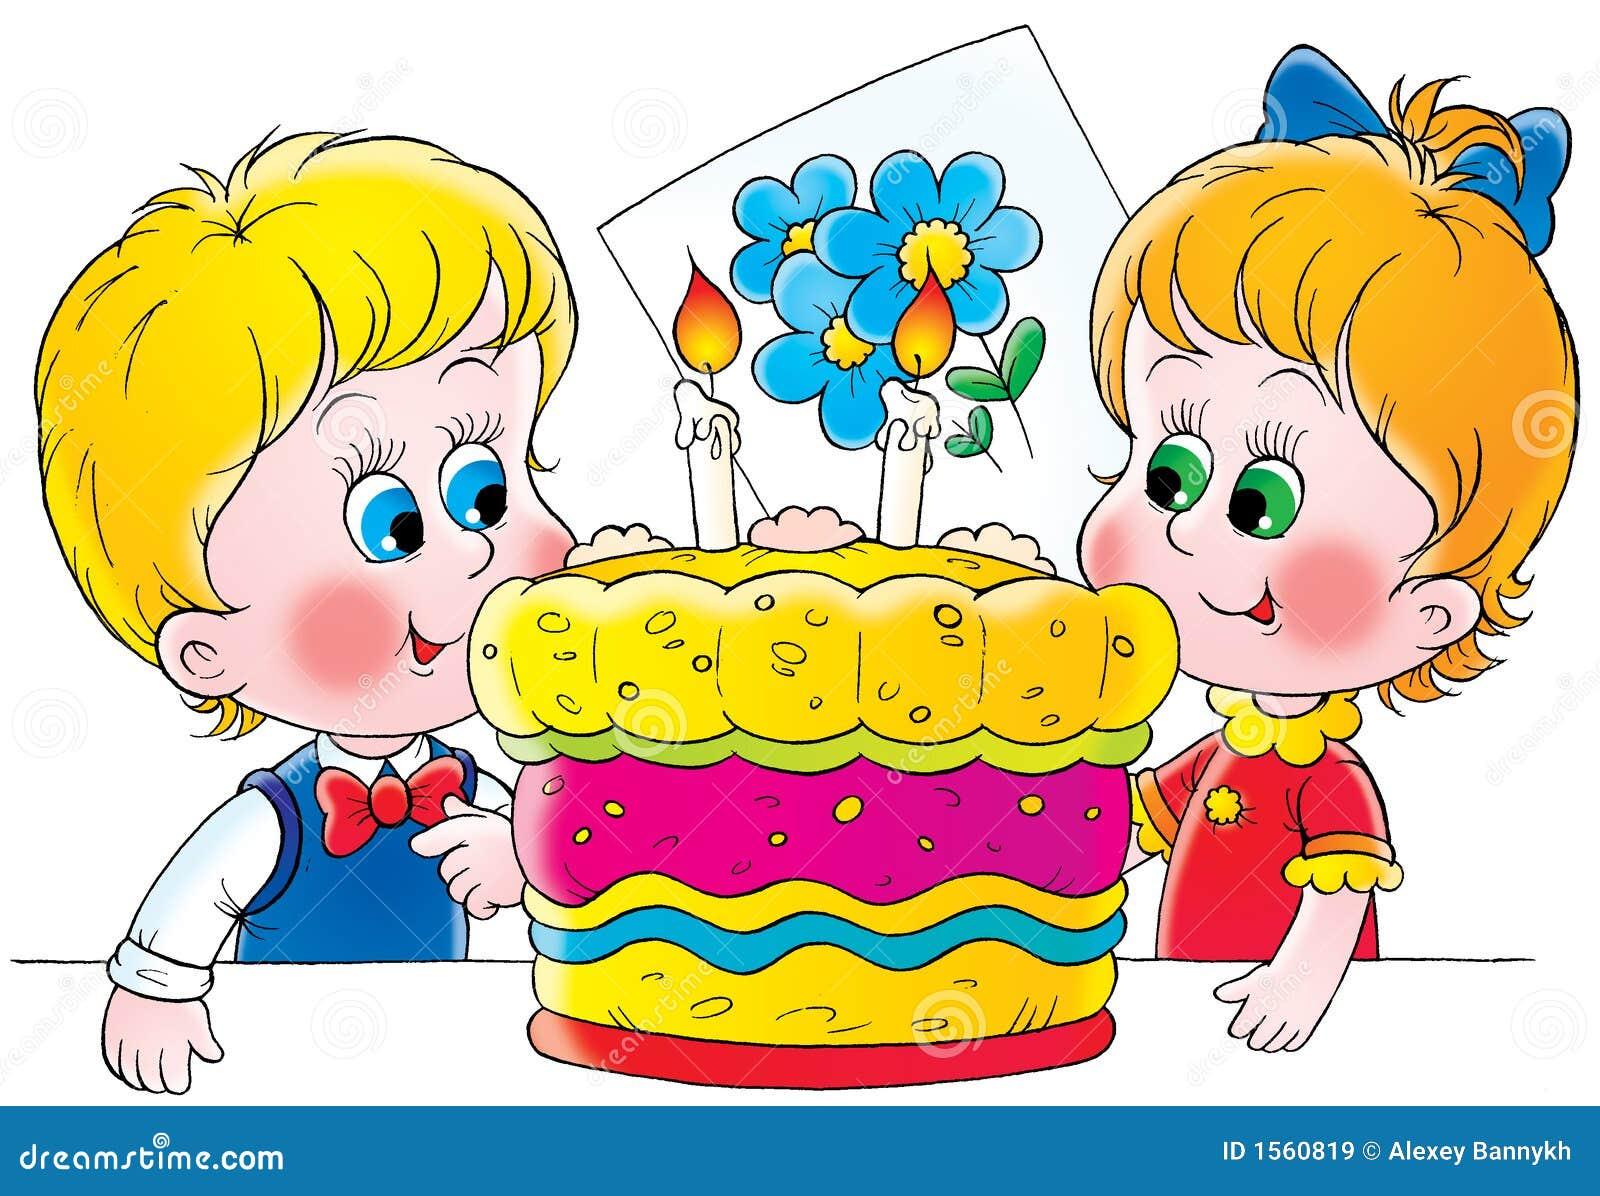 Поздравления с днем рождением двойняшек мальчика и девочки